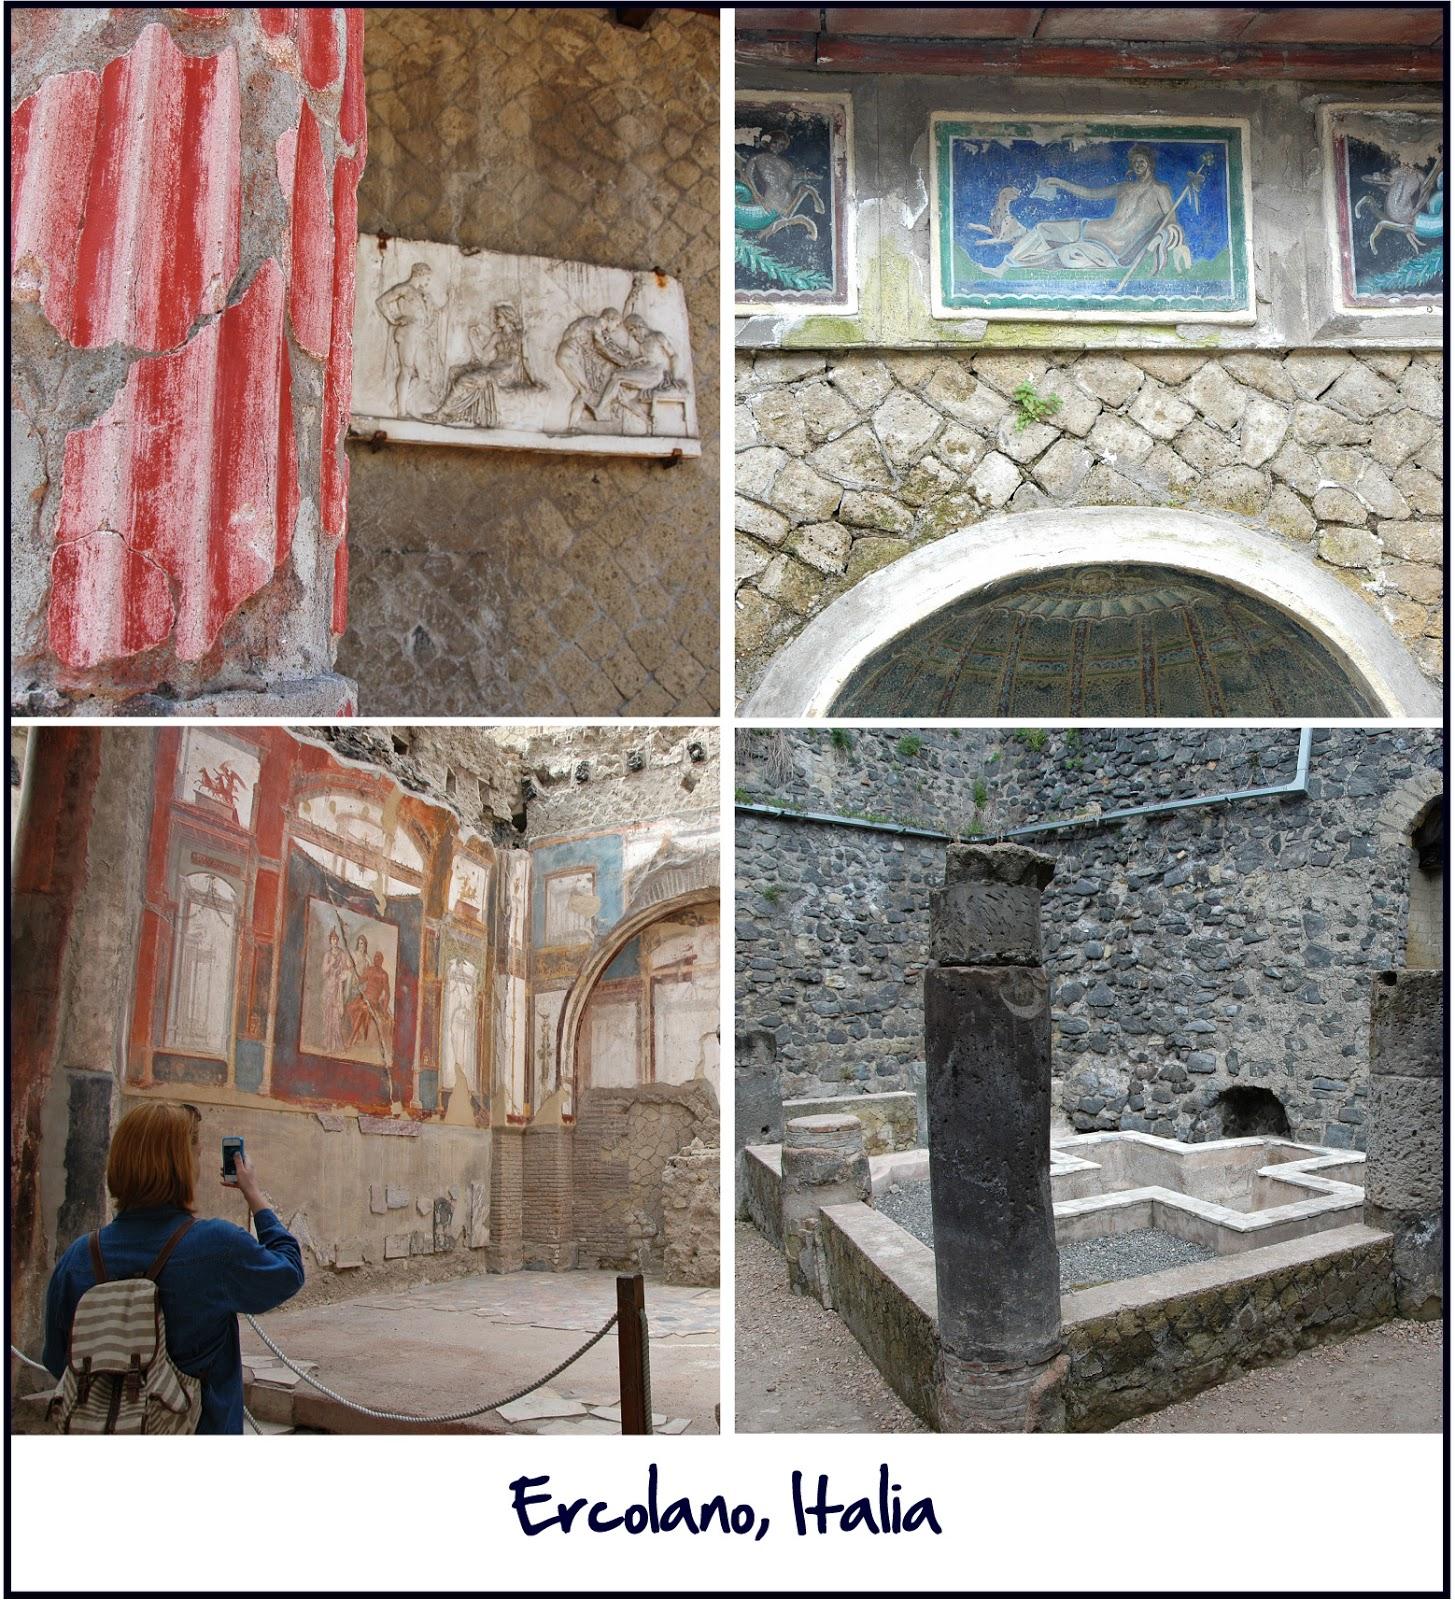 http://2giromondo.blogspot.it/2014/10/gli-scavi-di-ercolano-alla-scoperta.html